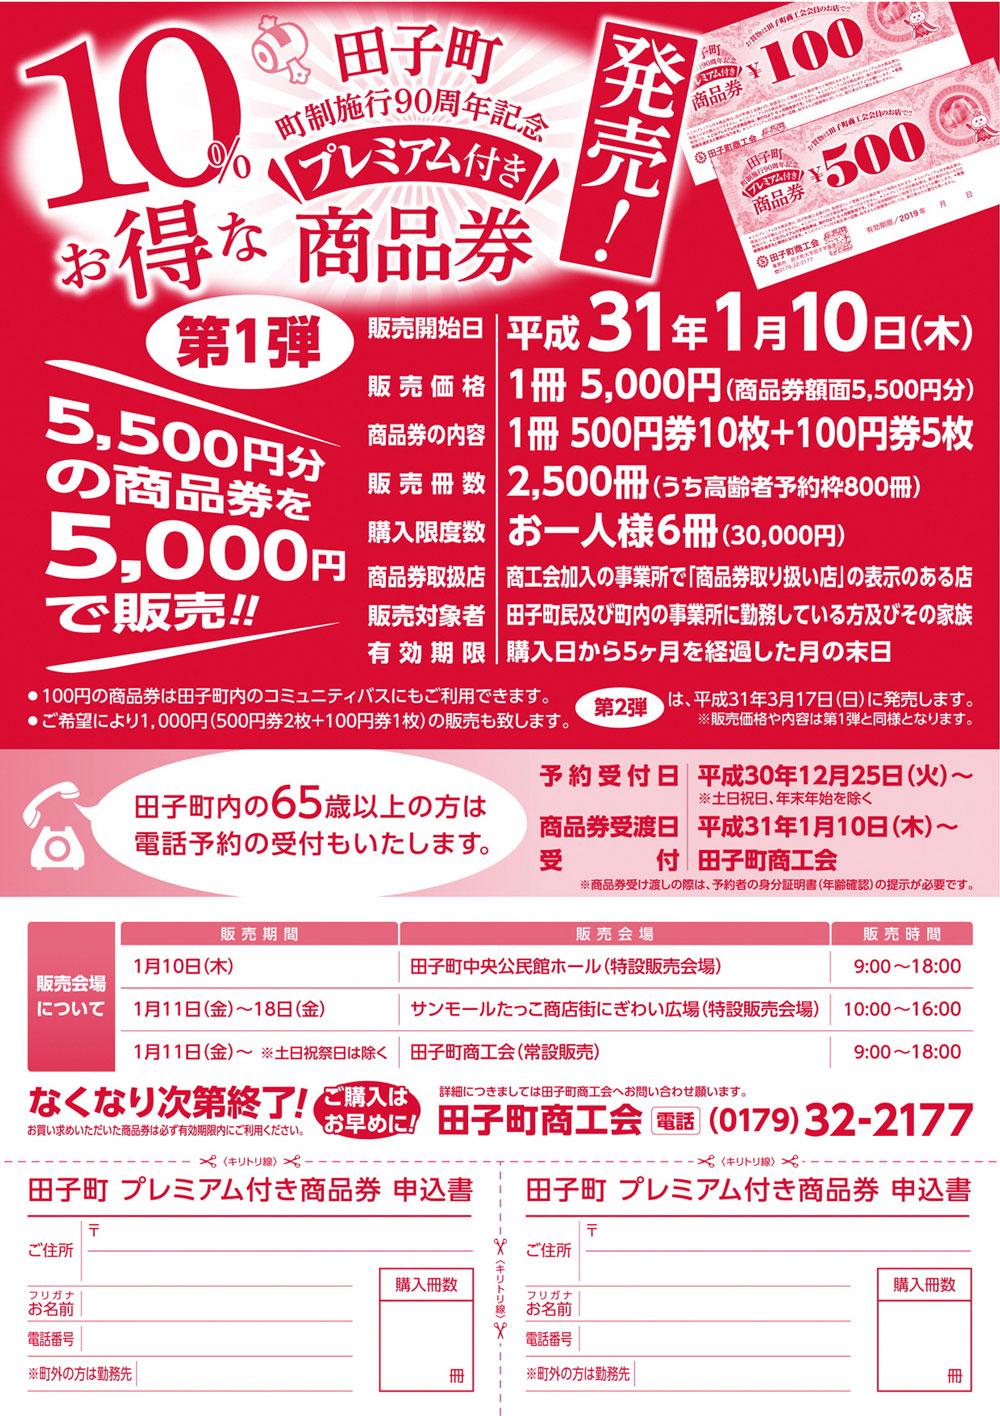 田子町 町制施行90周年記念プレミアム付き商品券発売